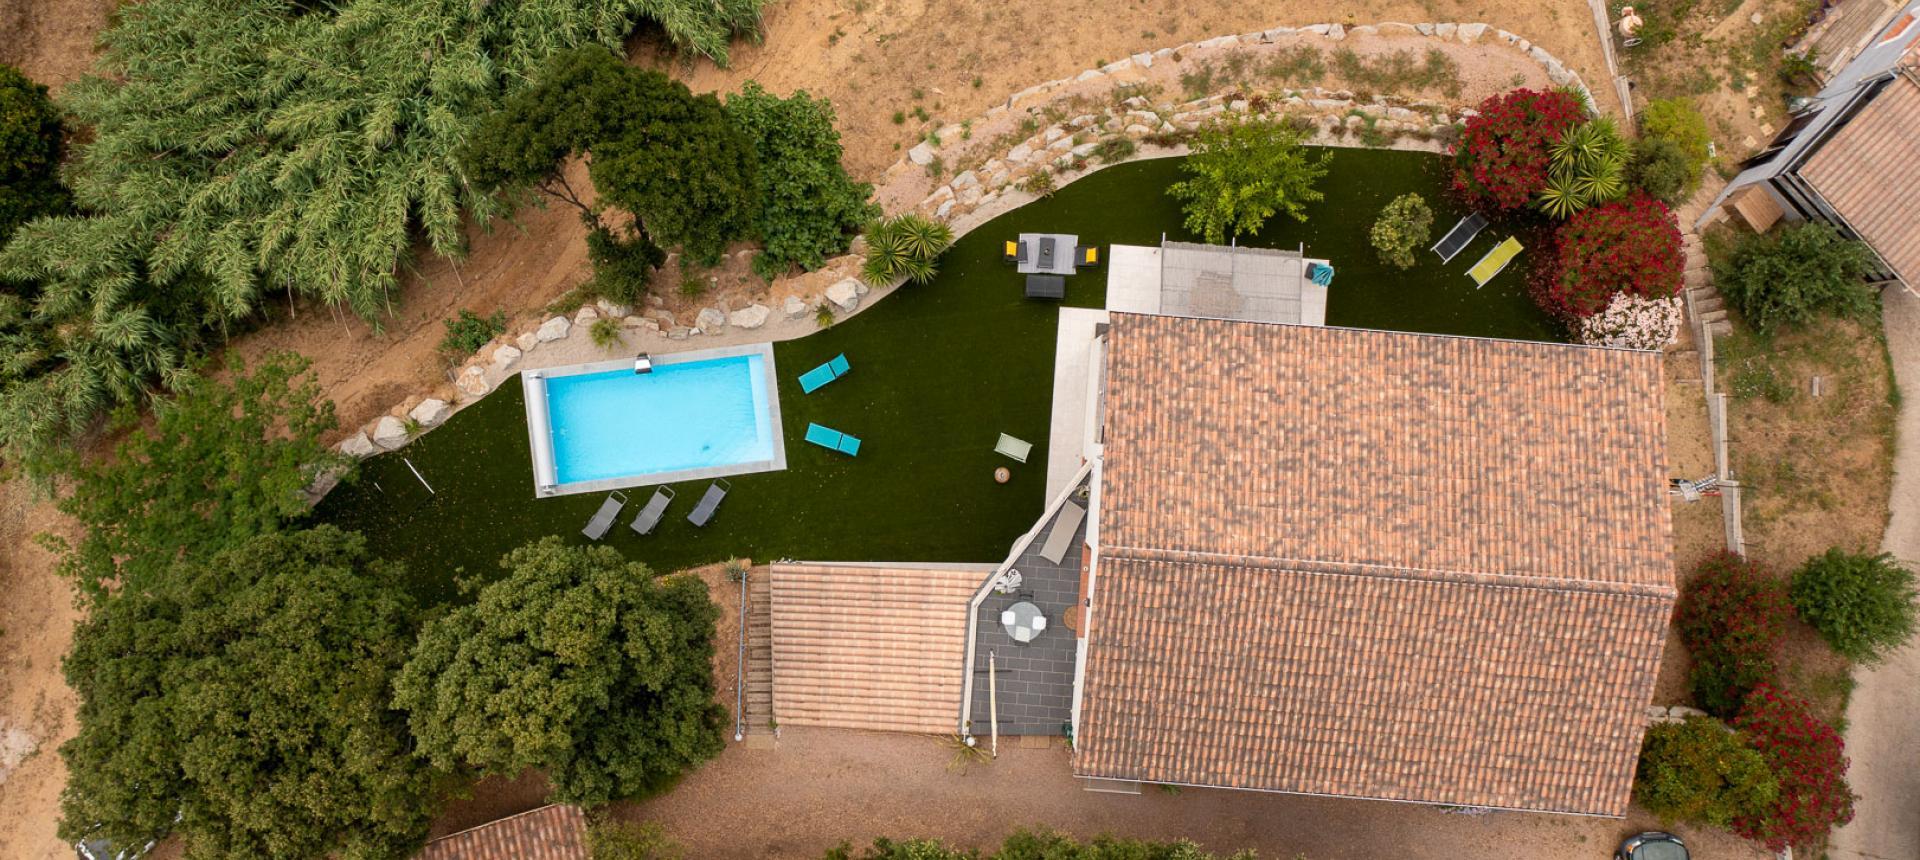 Villa à vendre proche Ajaccio - San Benedetto - Vue drone